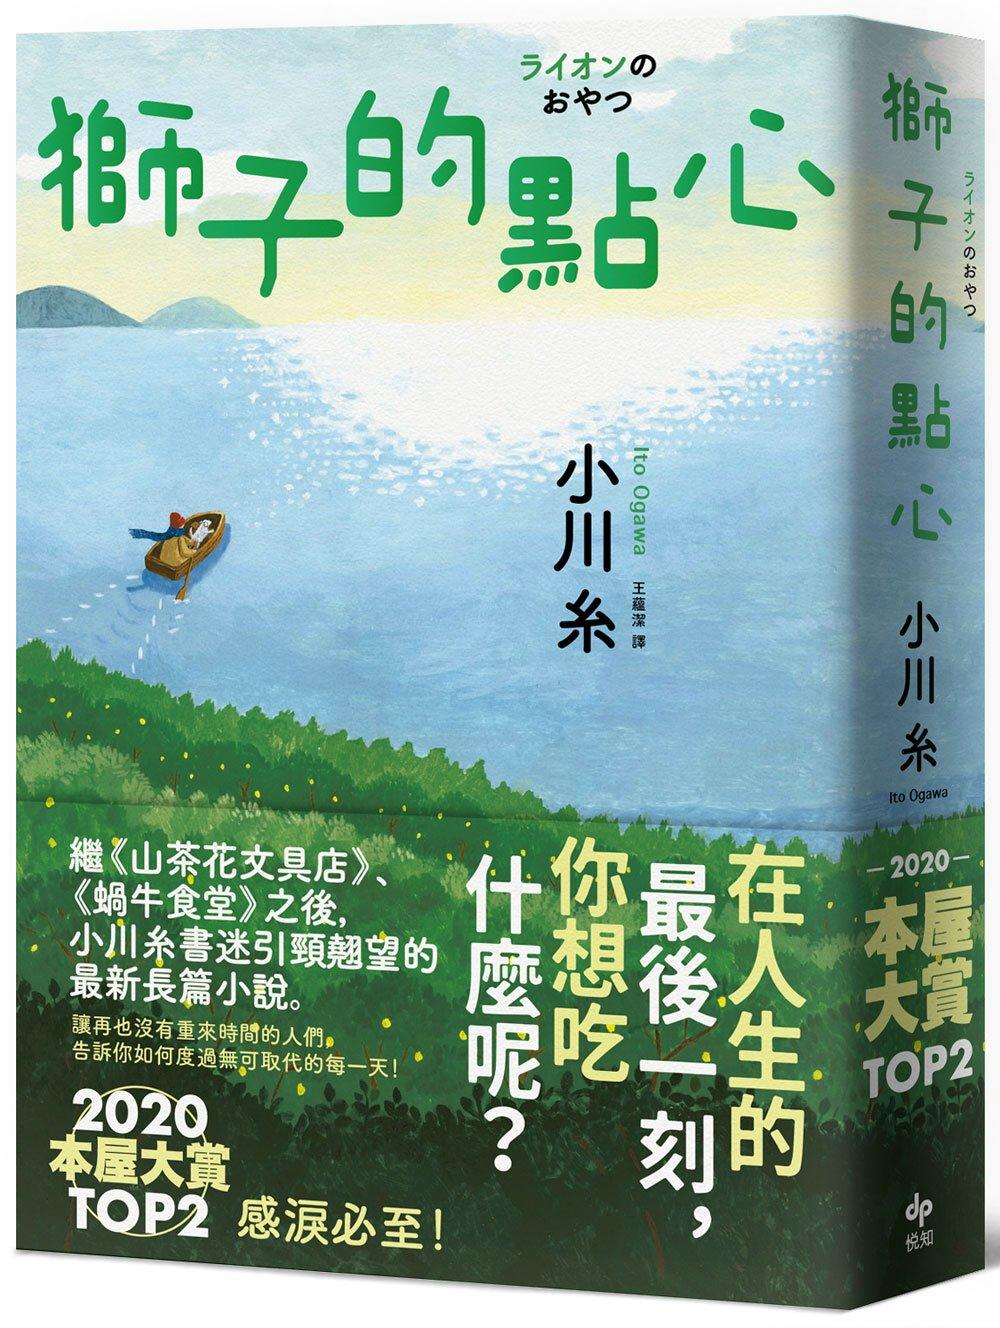 獅子的點心:2020本屋大賞TOP2!小川糸全新小說,感淚必至!